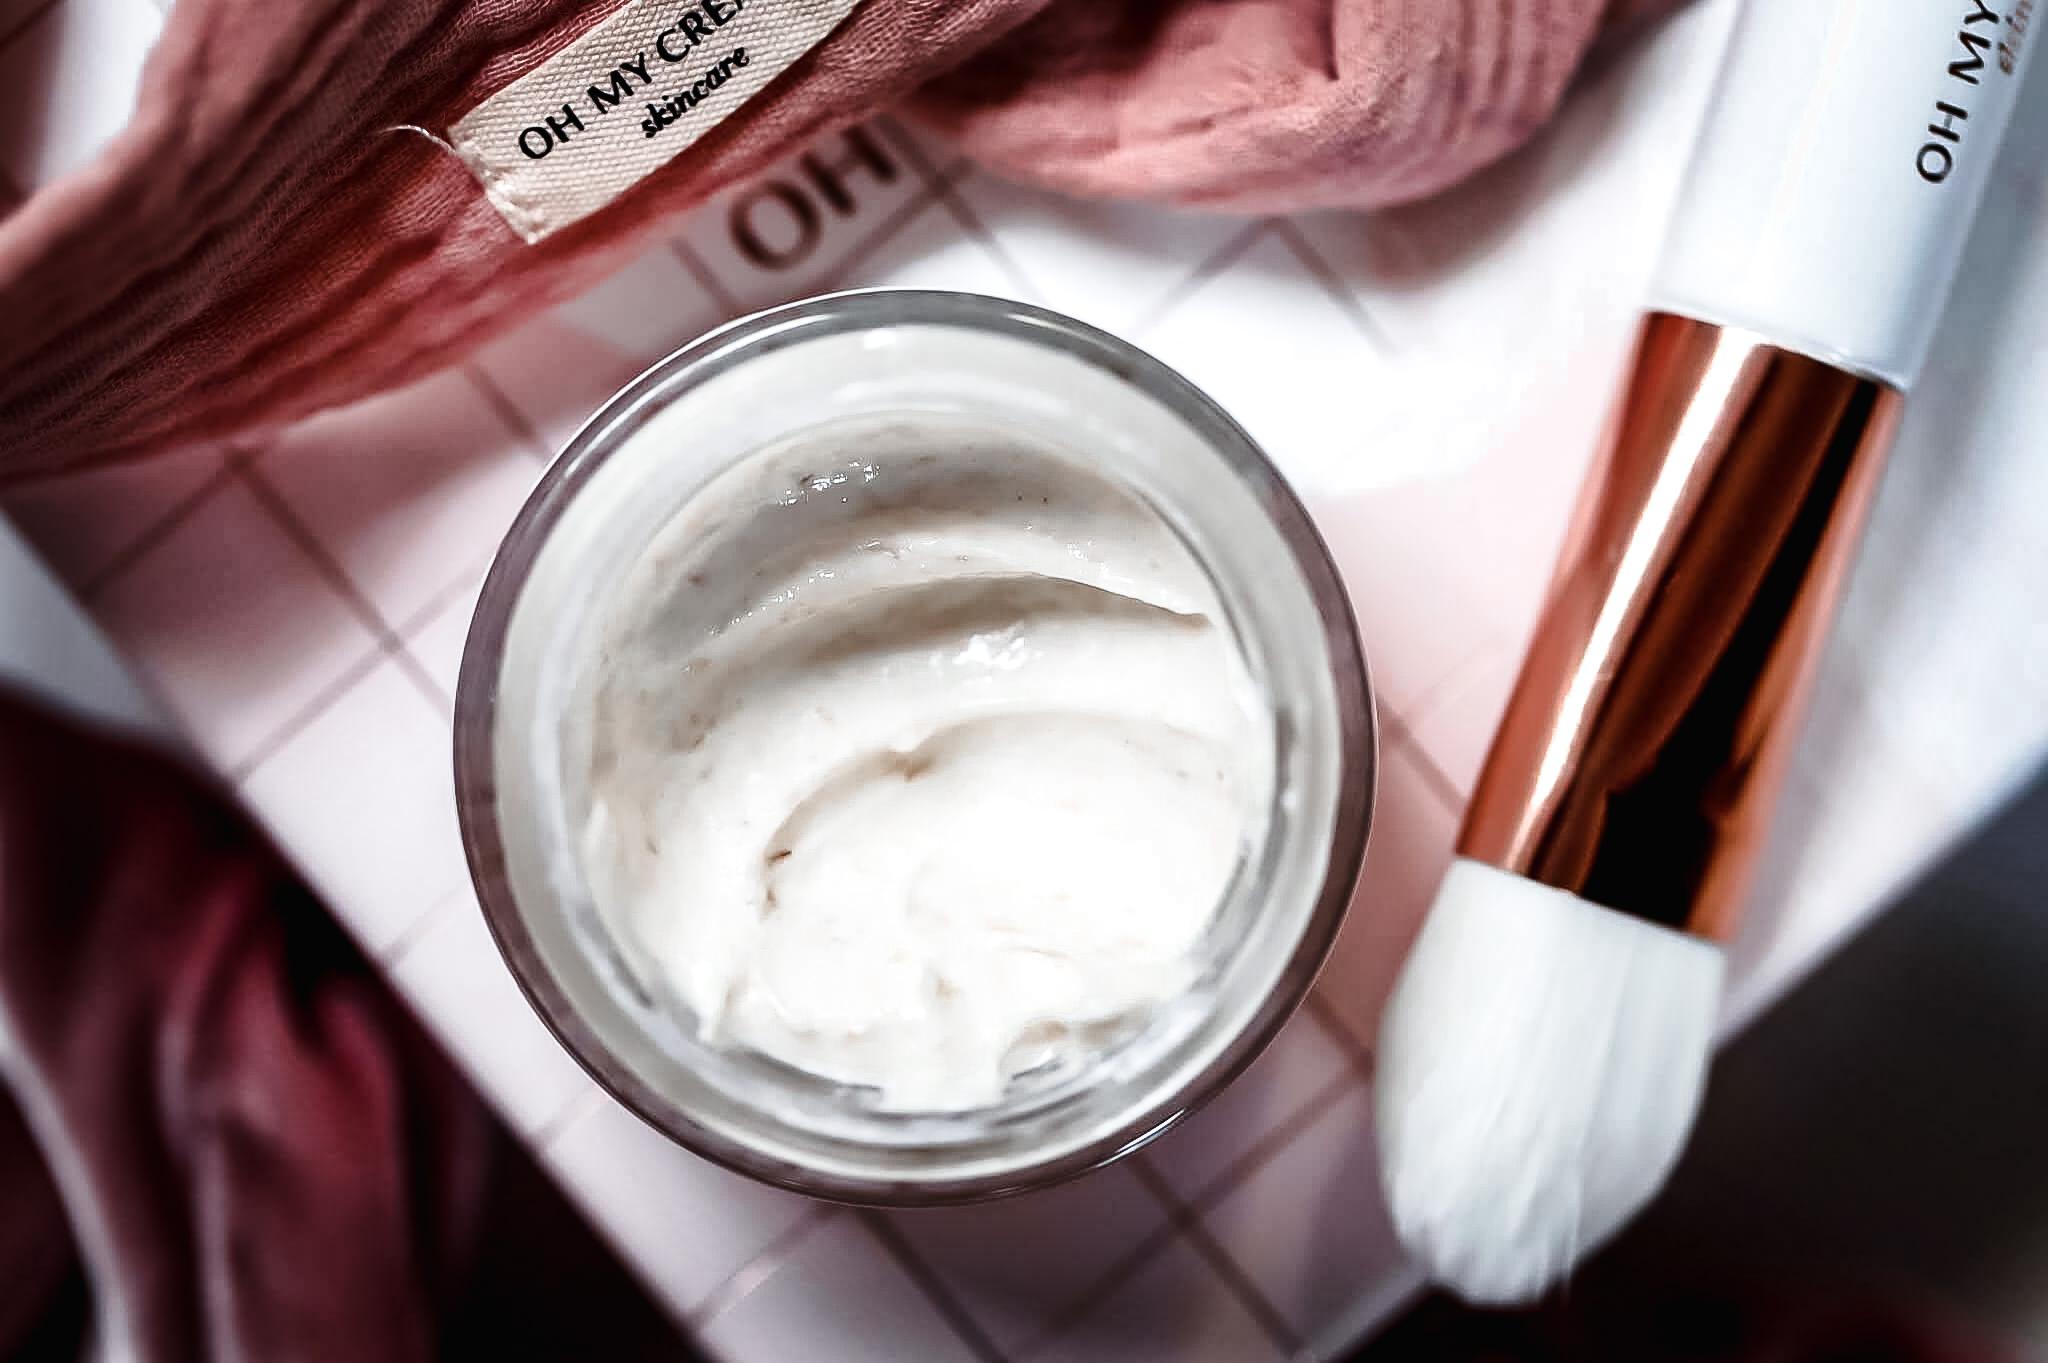 Oh My Cream Masque SOS